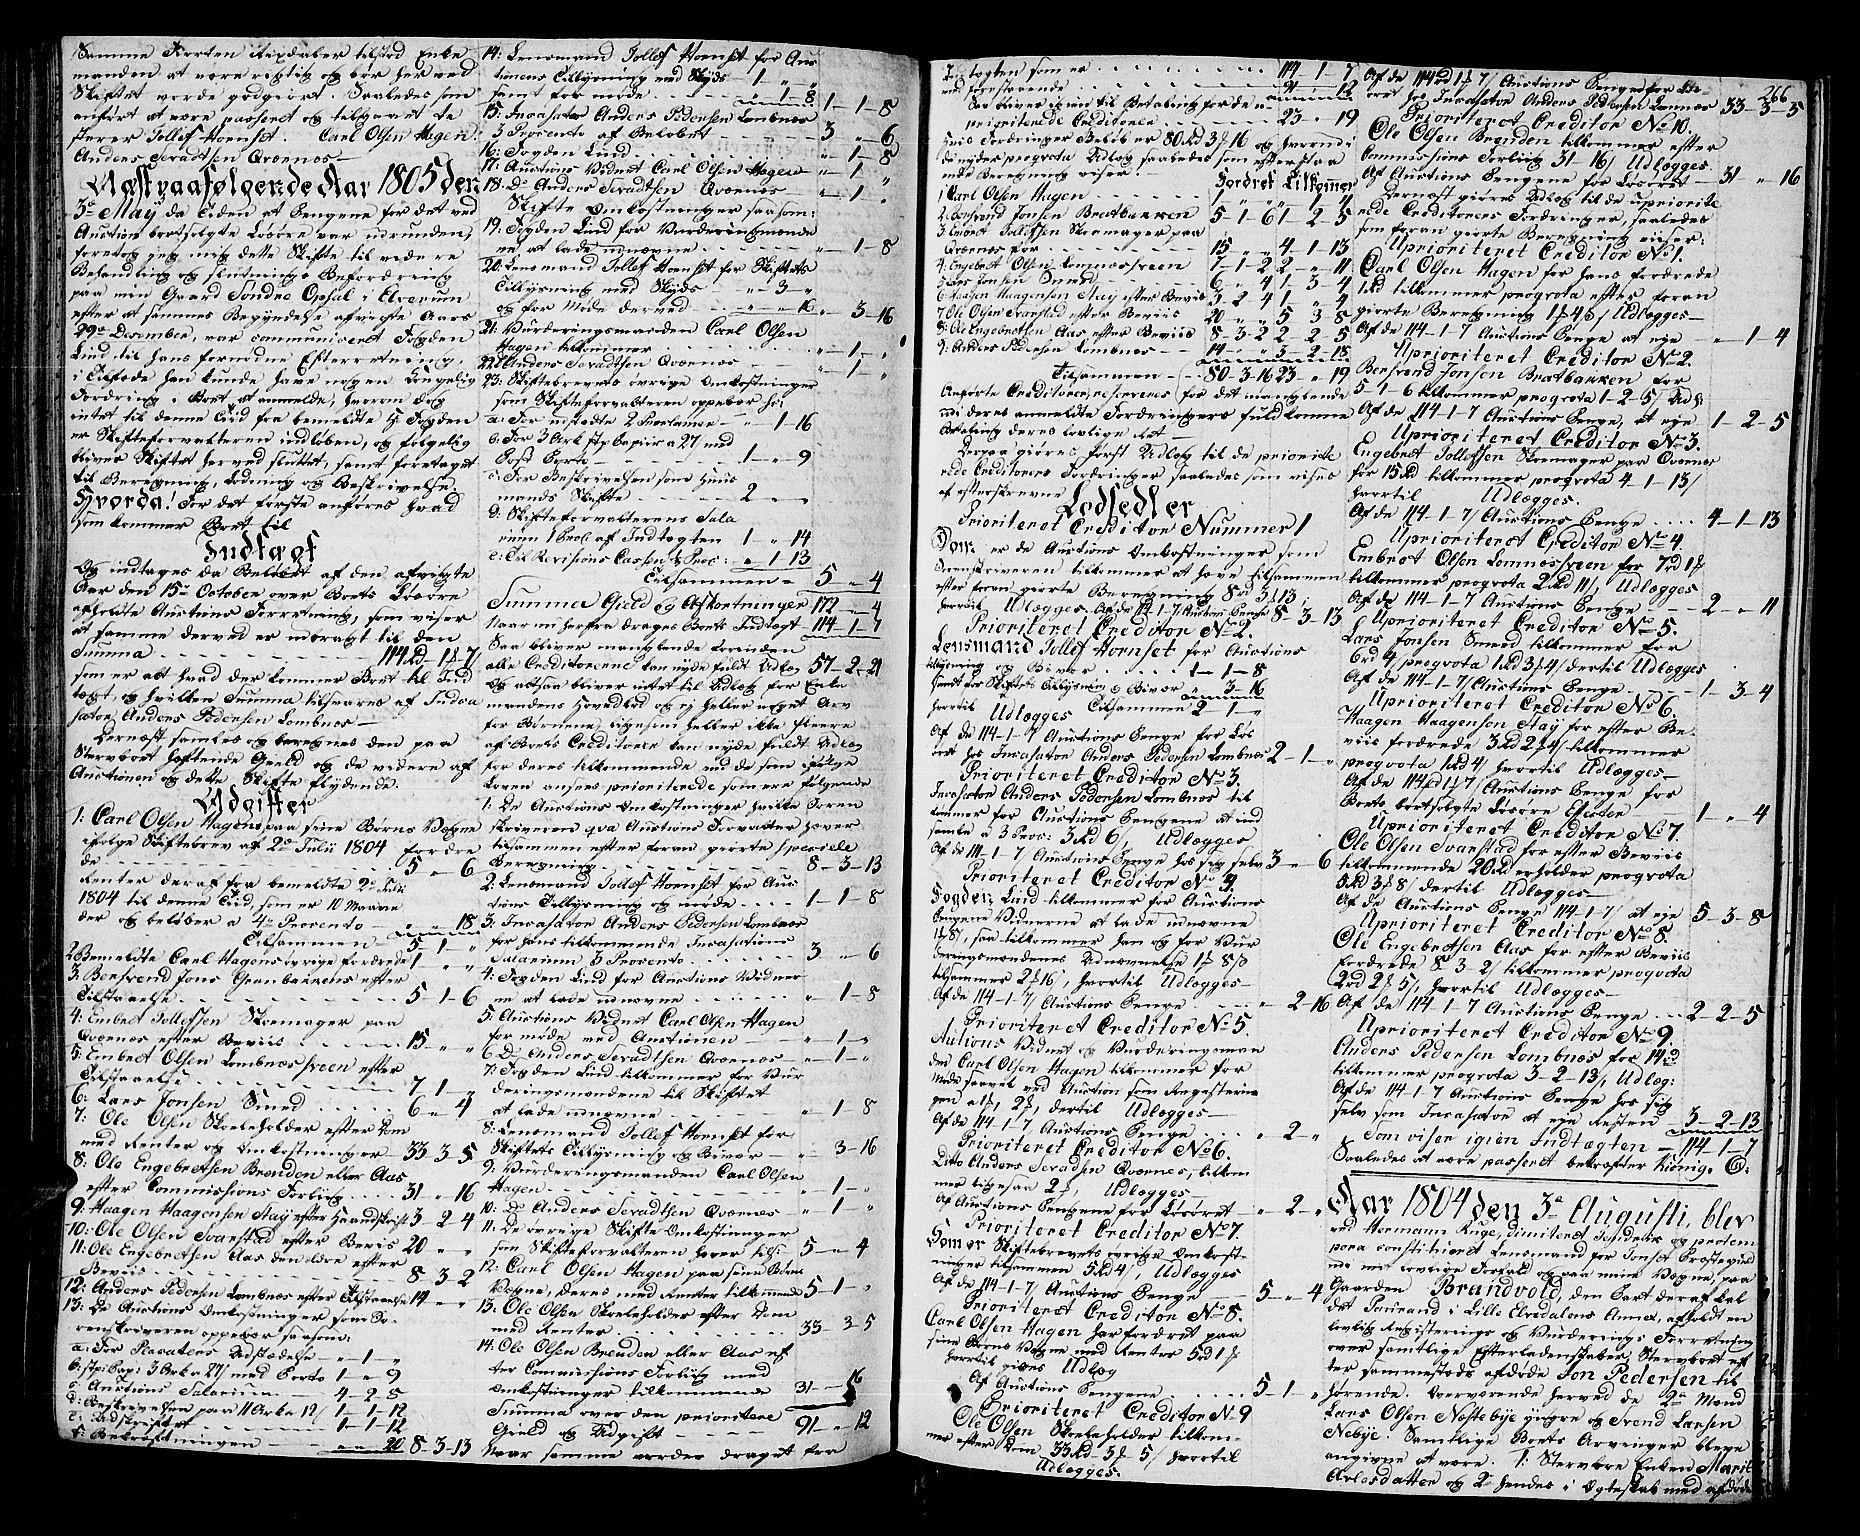 SAH, Østerdalen sorenskriveri, J/Ja/L0009: Skifteprotokoll, 1803-1806, s. 265b-266a